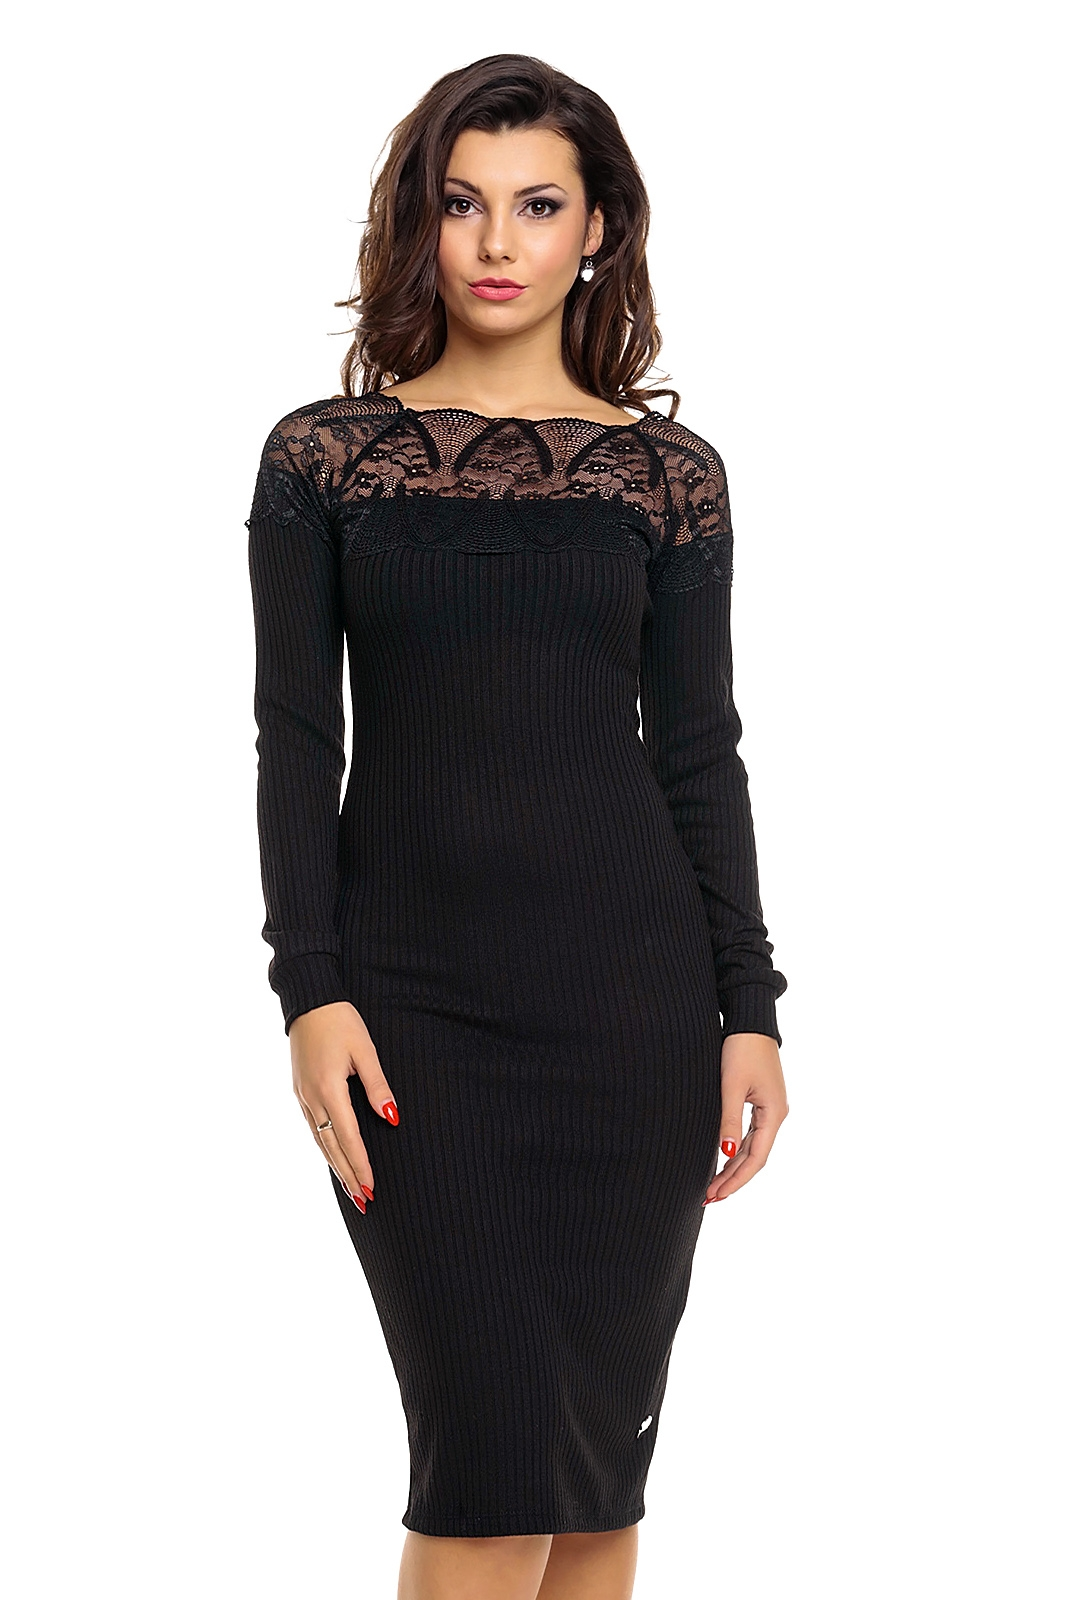 Úpletové dámské midi šaty Emma Ashley 2491 černá dc9aecbf06